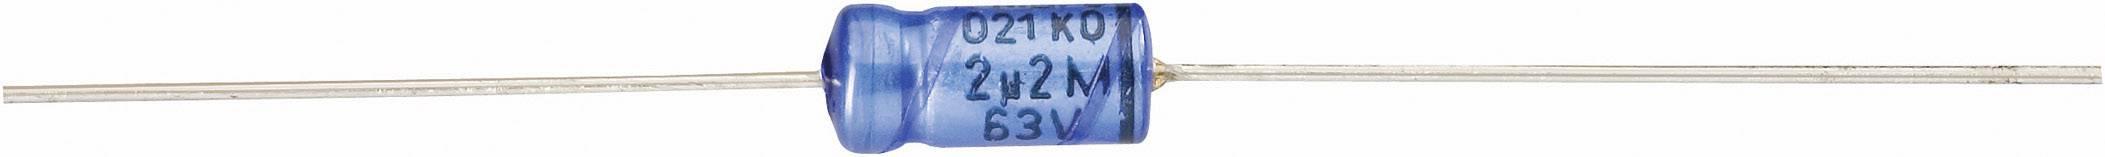 Elektrolytický kondenzátor Vishay 2222 021 36471, 470 µF, 25 V, 20 %, 1 ks